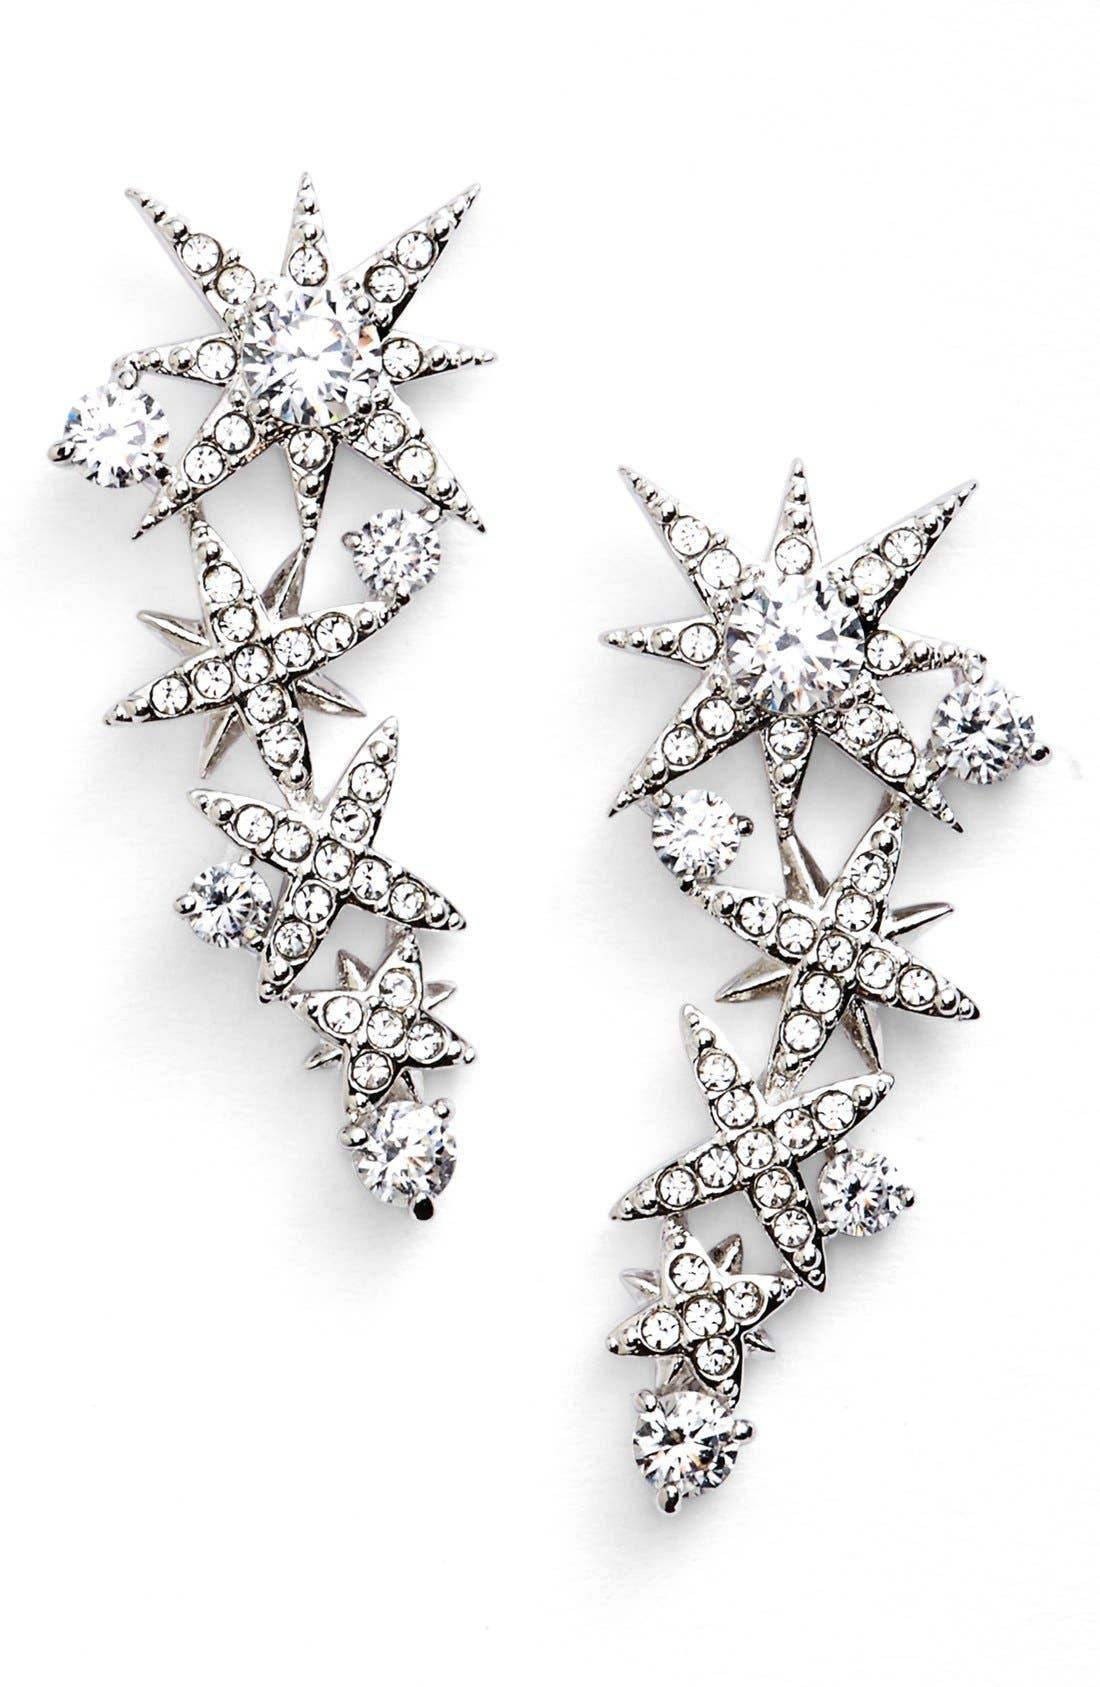 Main Image - Nadri'Starry Night' Linear Stud Earrings